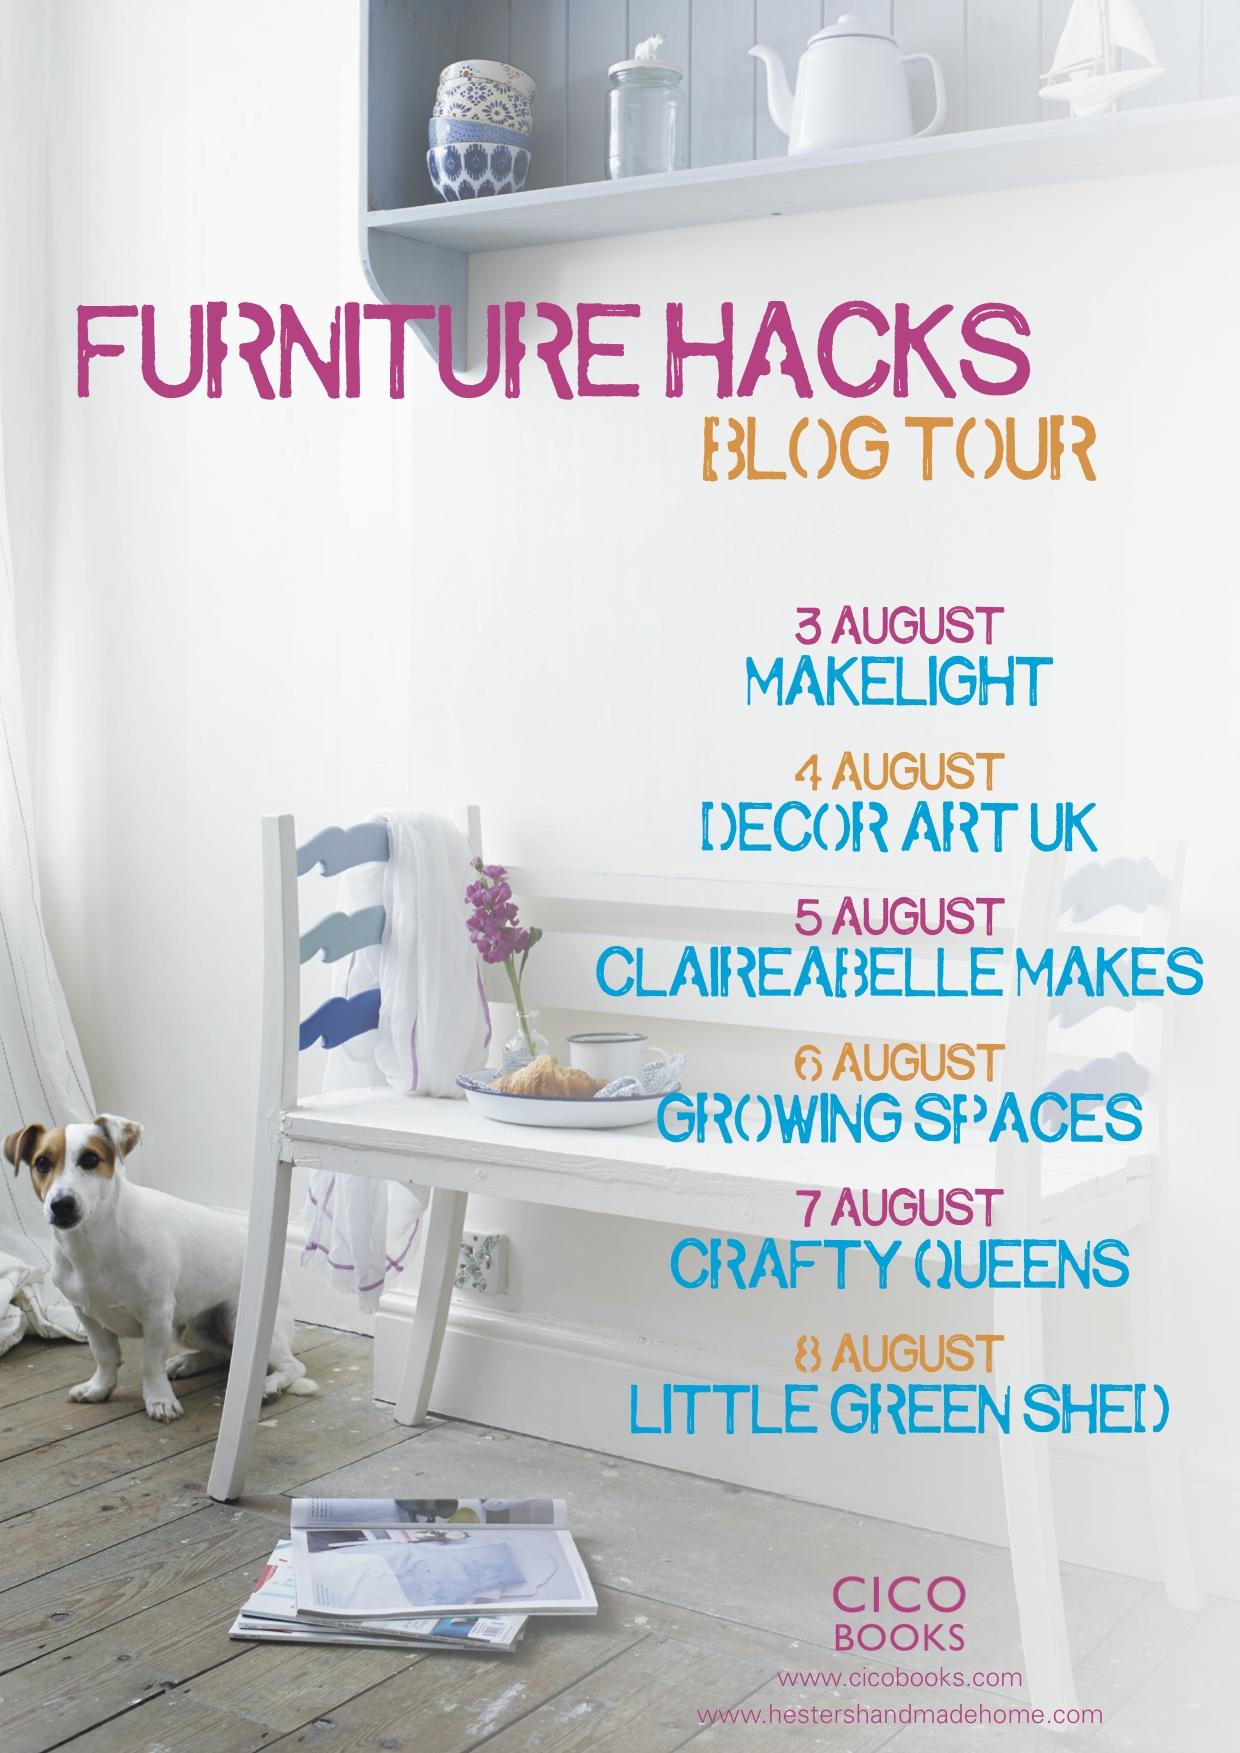 Furniture Hacks Blog Tour